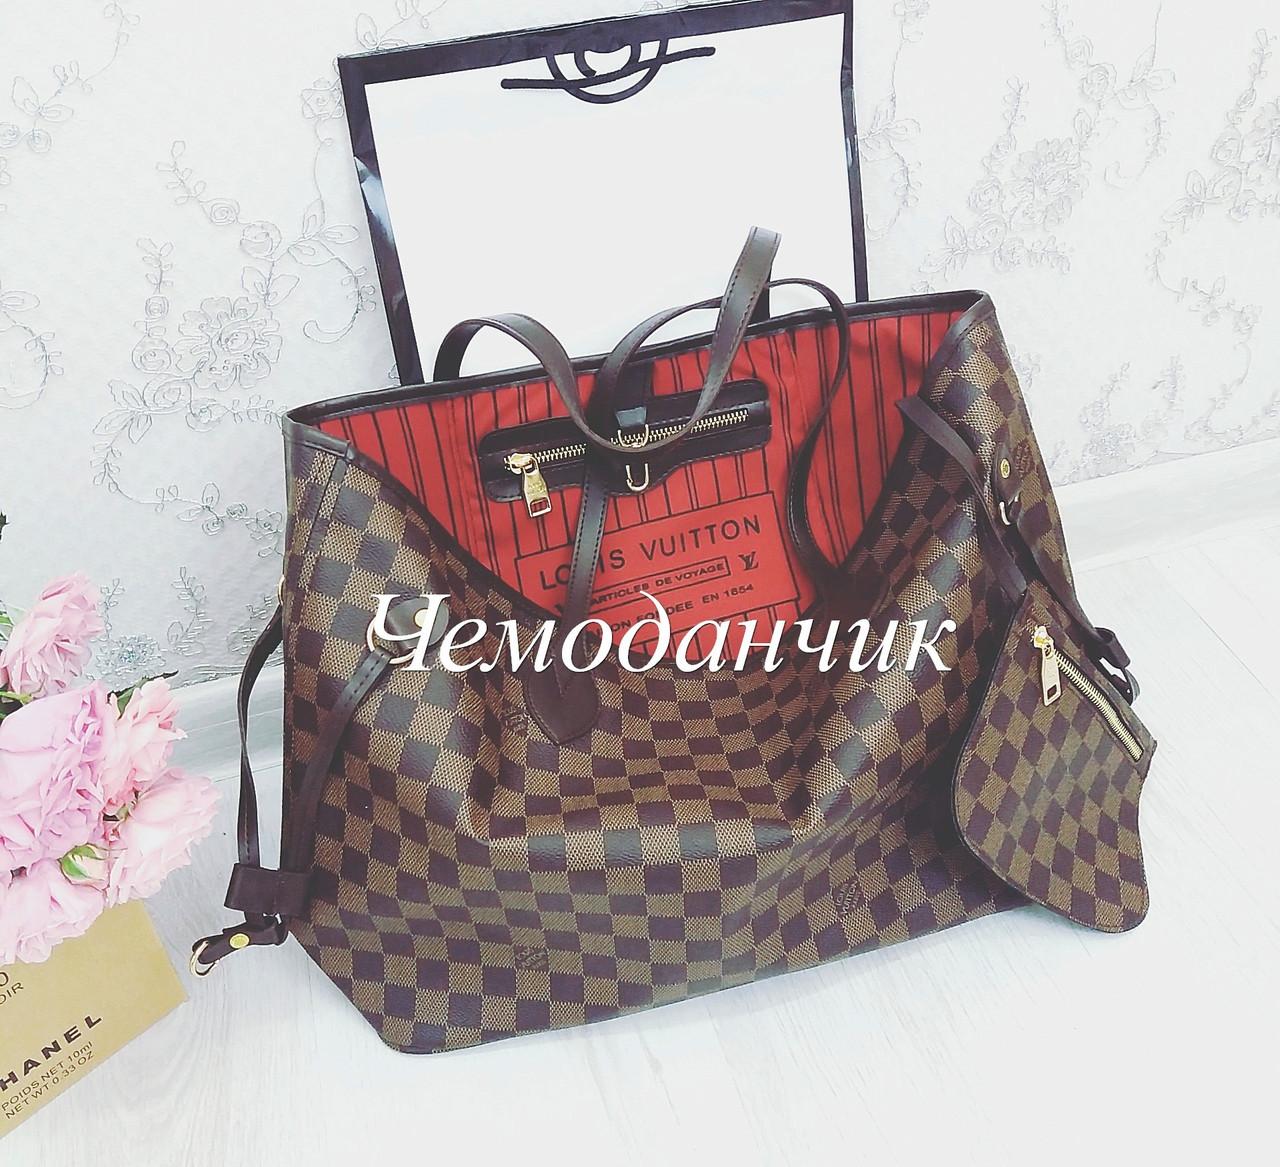 СУМКА ЛУИ ВИТТОН Неверфулл Louis Vuitton Neverfull в расцветках -  ЧЕМОДАНЧИК - самые красивые сумочки по 8729537fd15